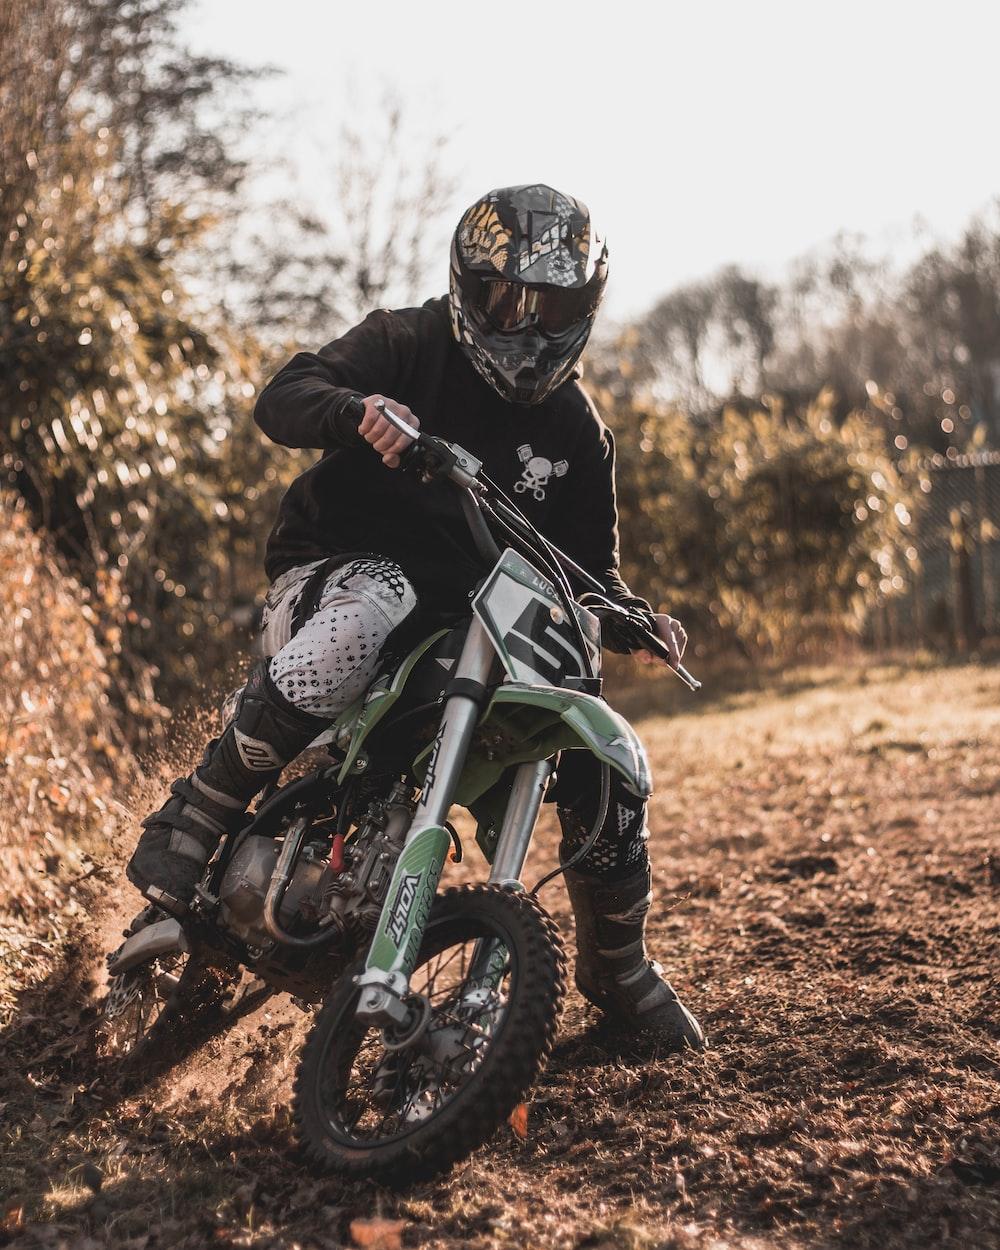 man riding dirt bike during daytime